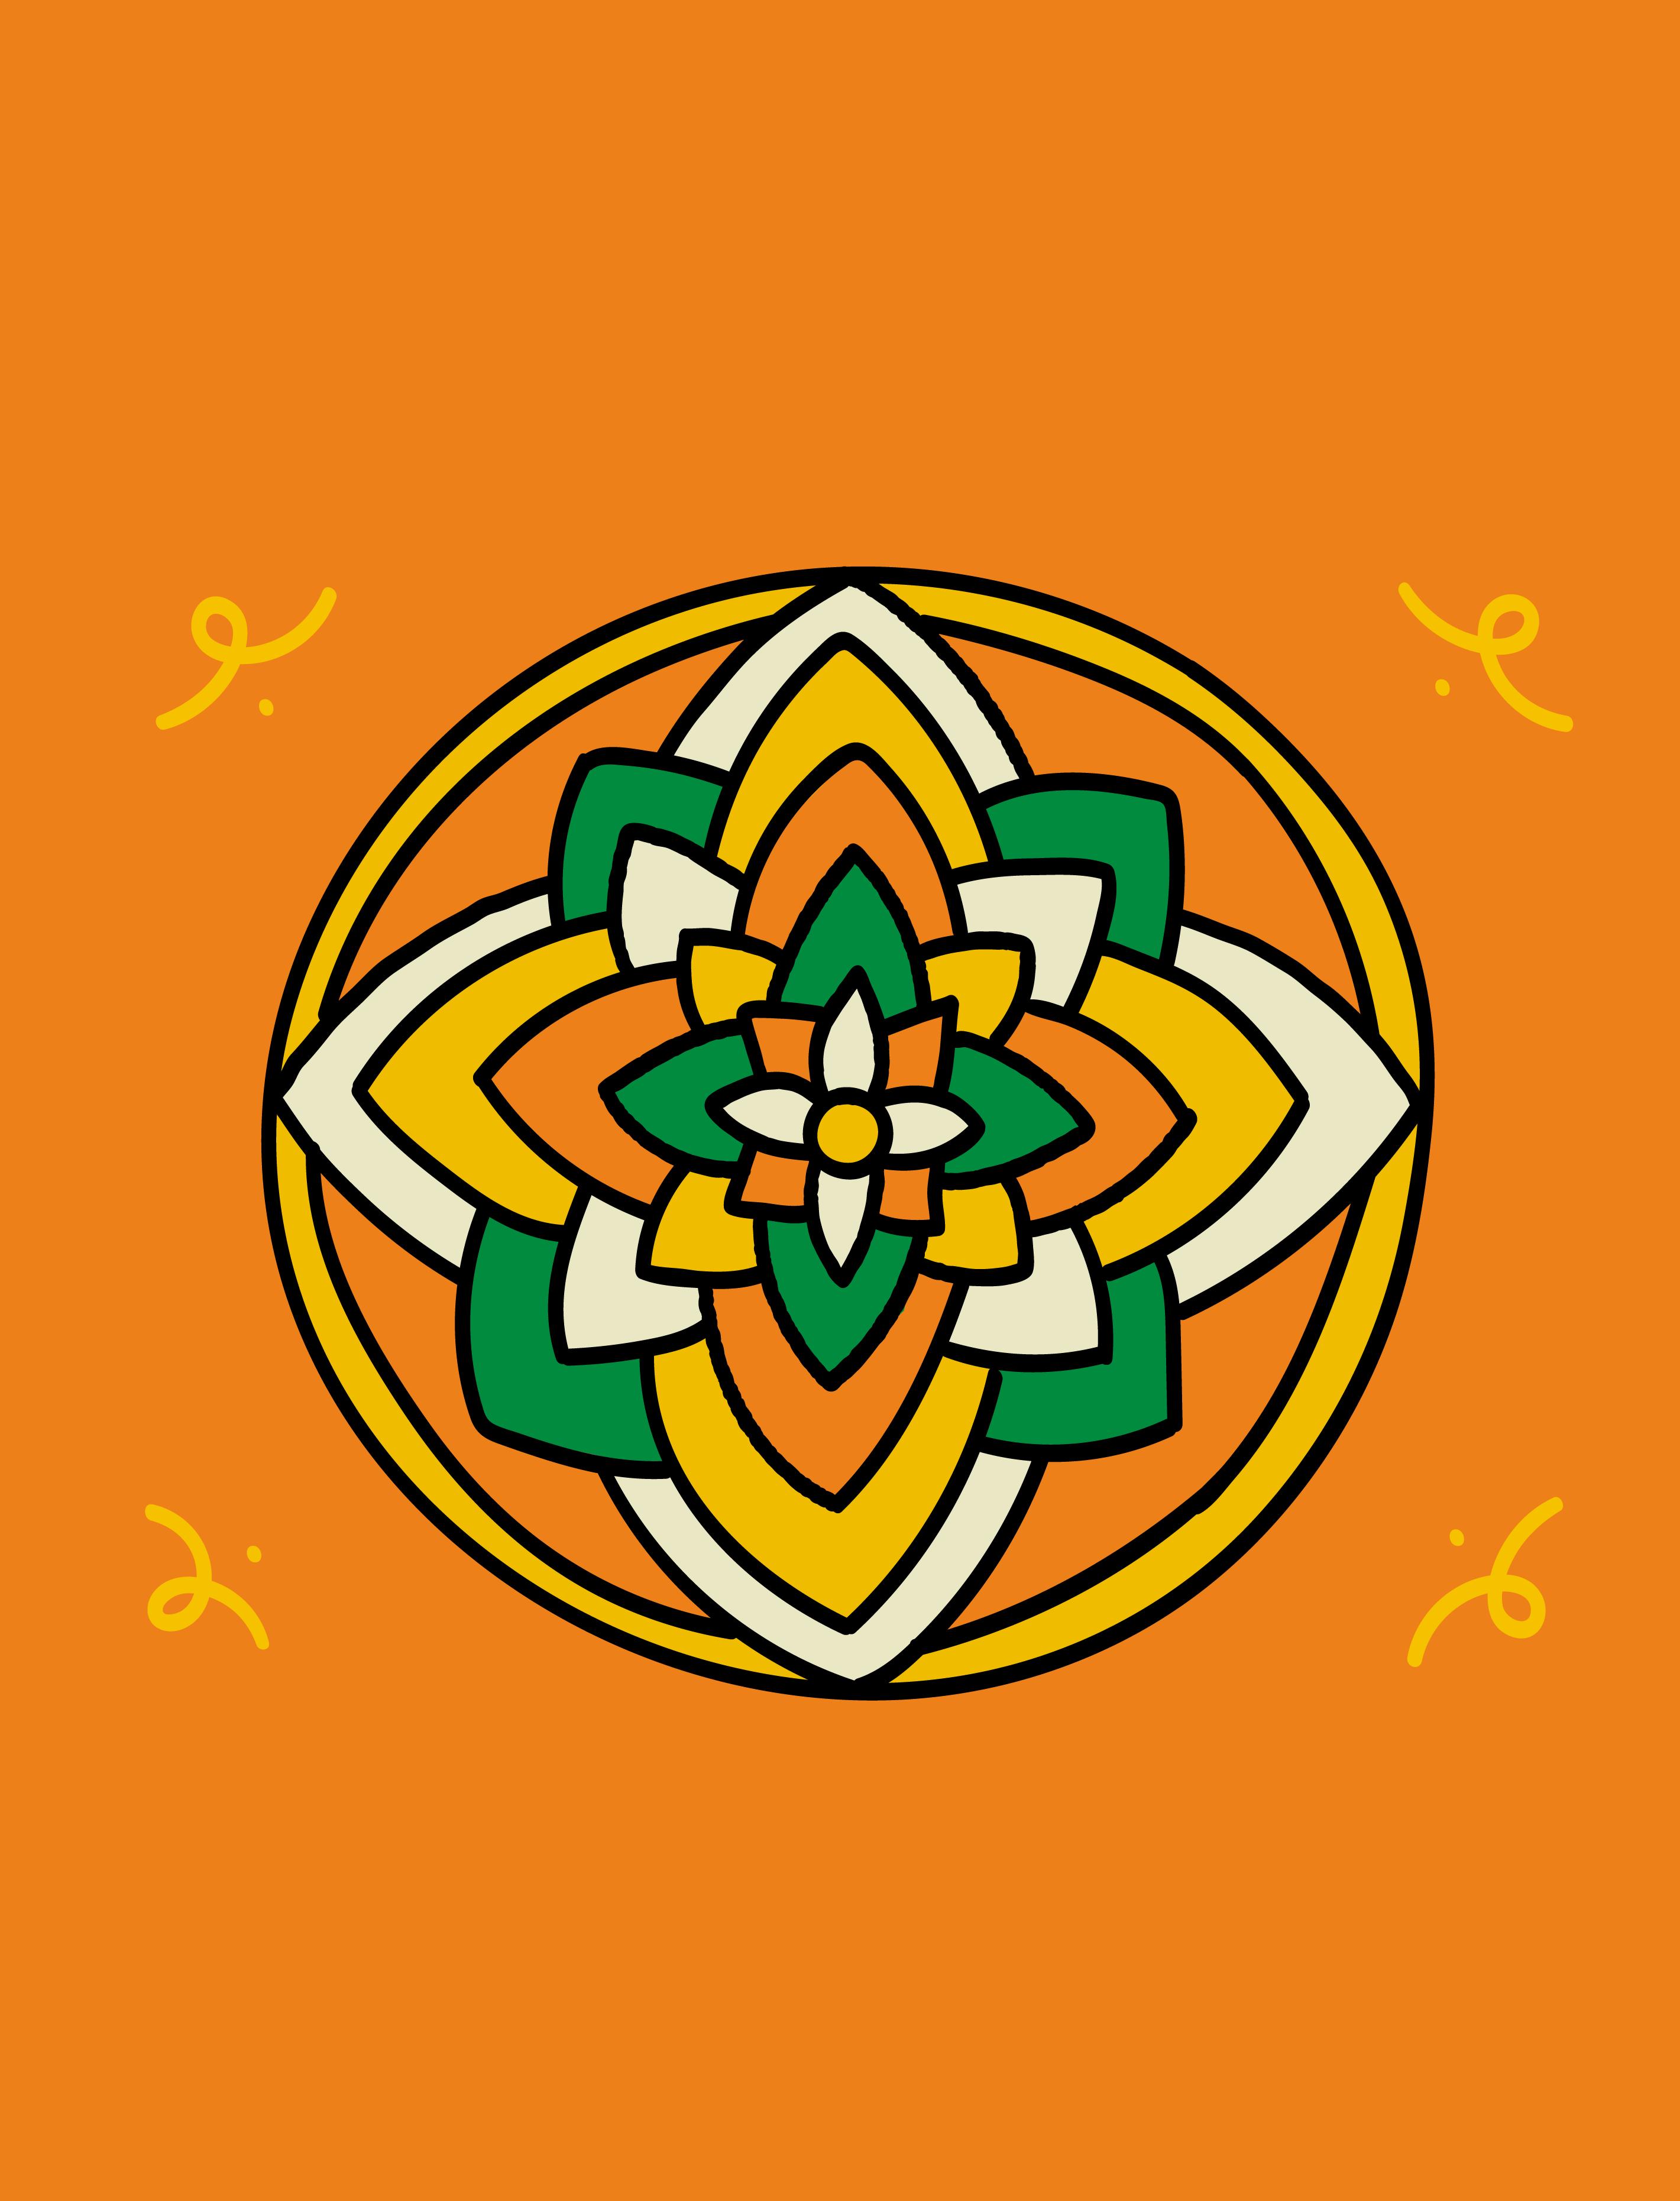 Wikipedia 20 symbol - Rangoli